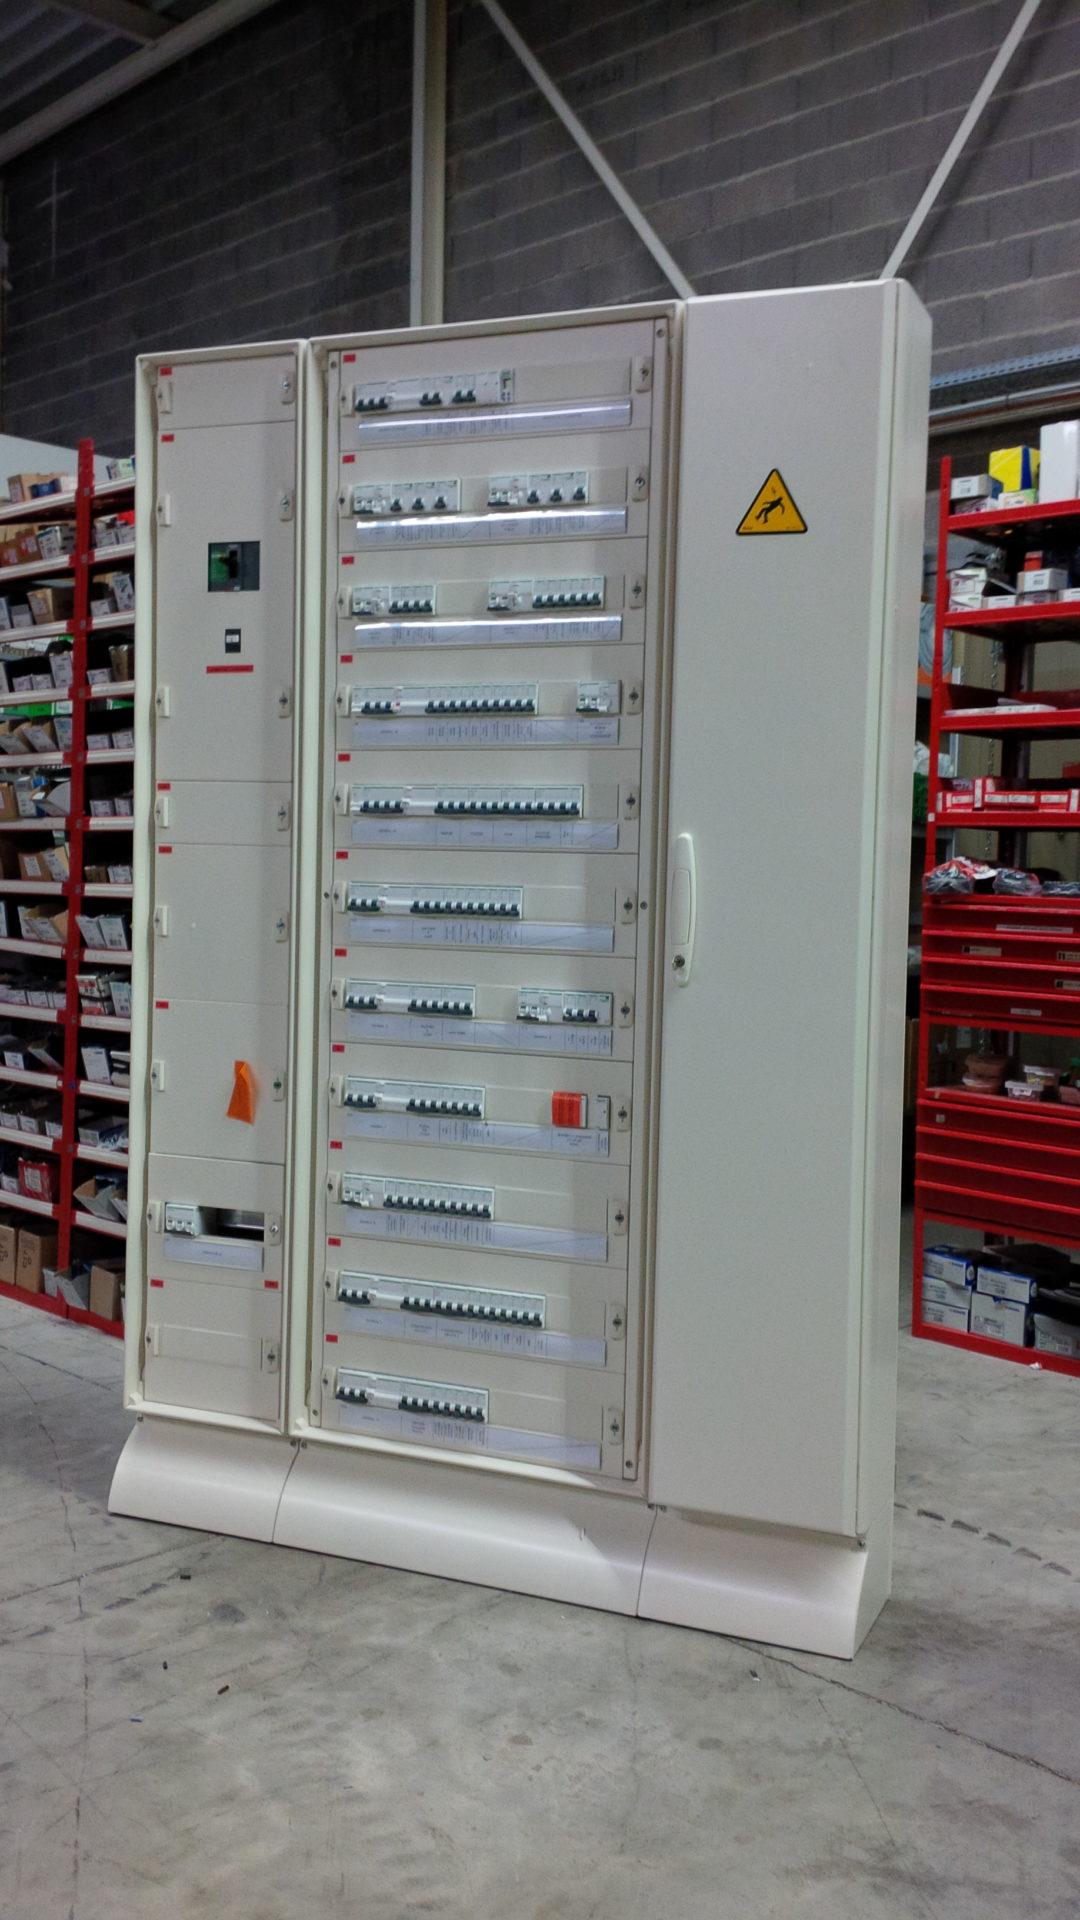 Cablage de nos armoires electriques